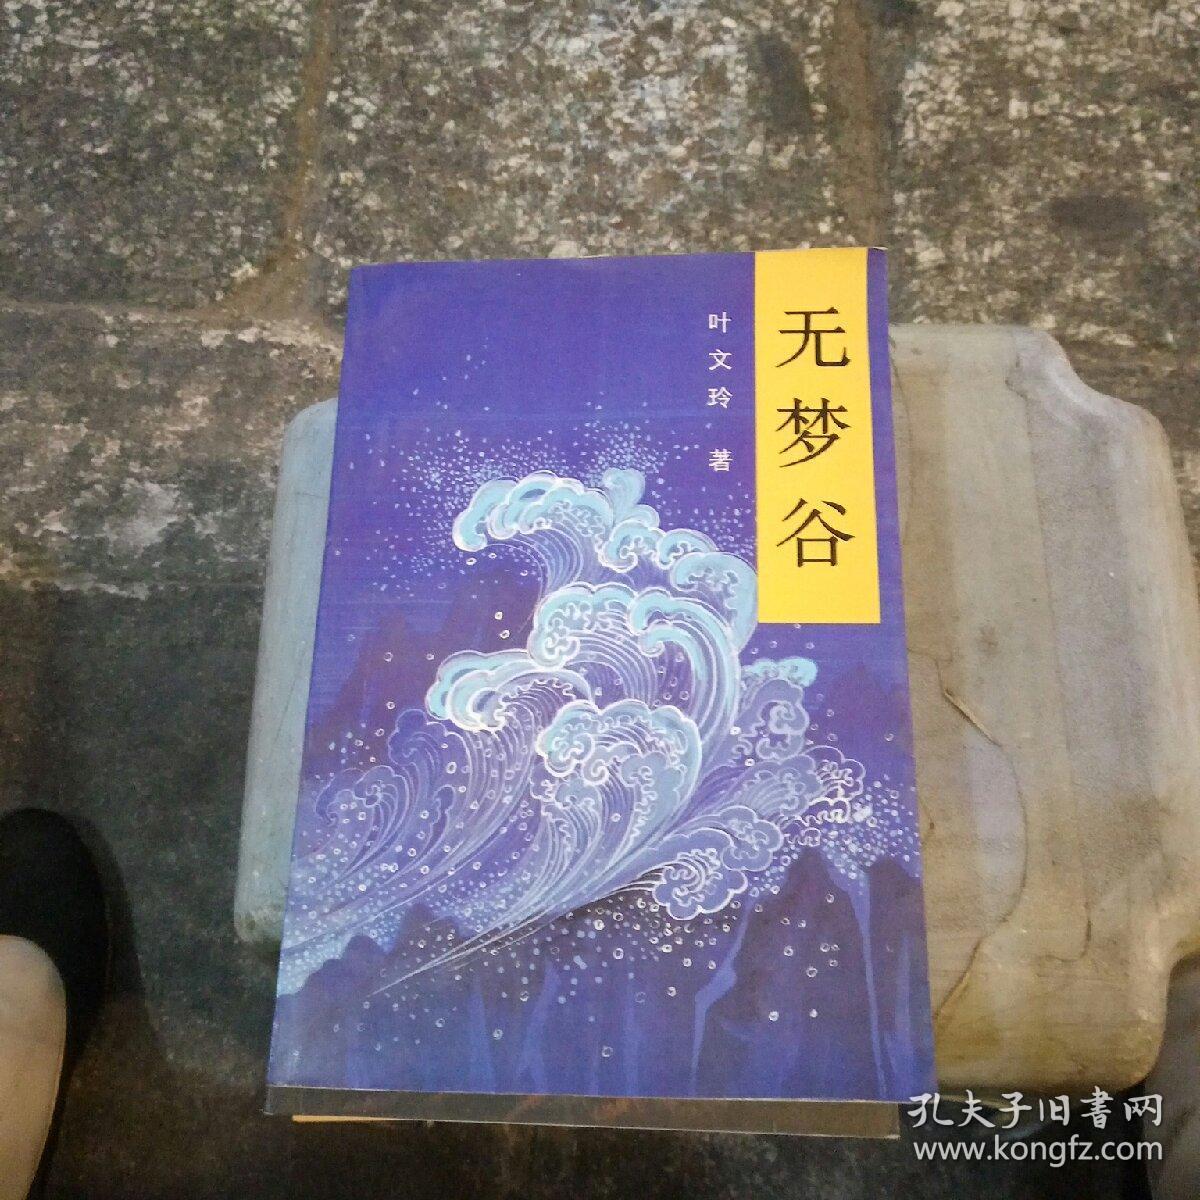 无梦谷_叶文玲,著_孔夫子旧书网图片